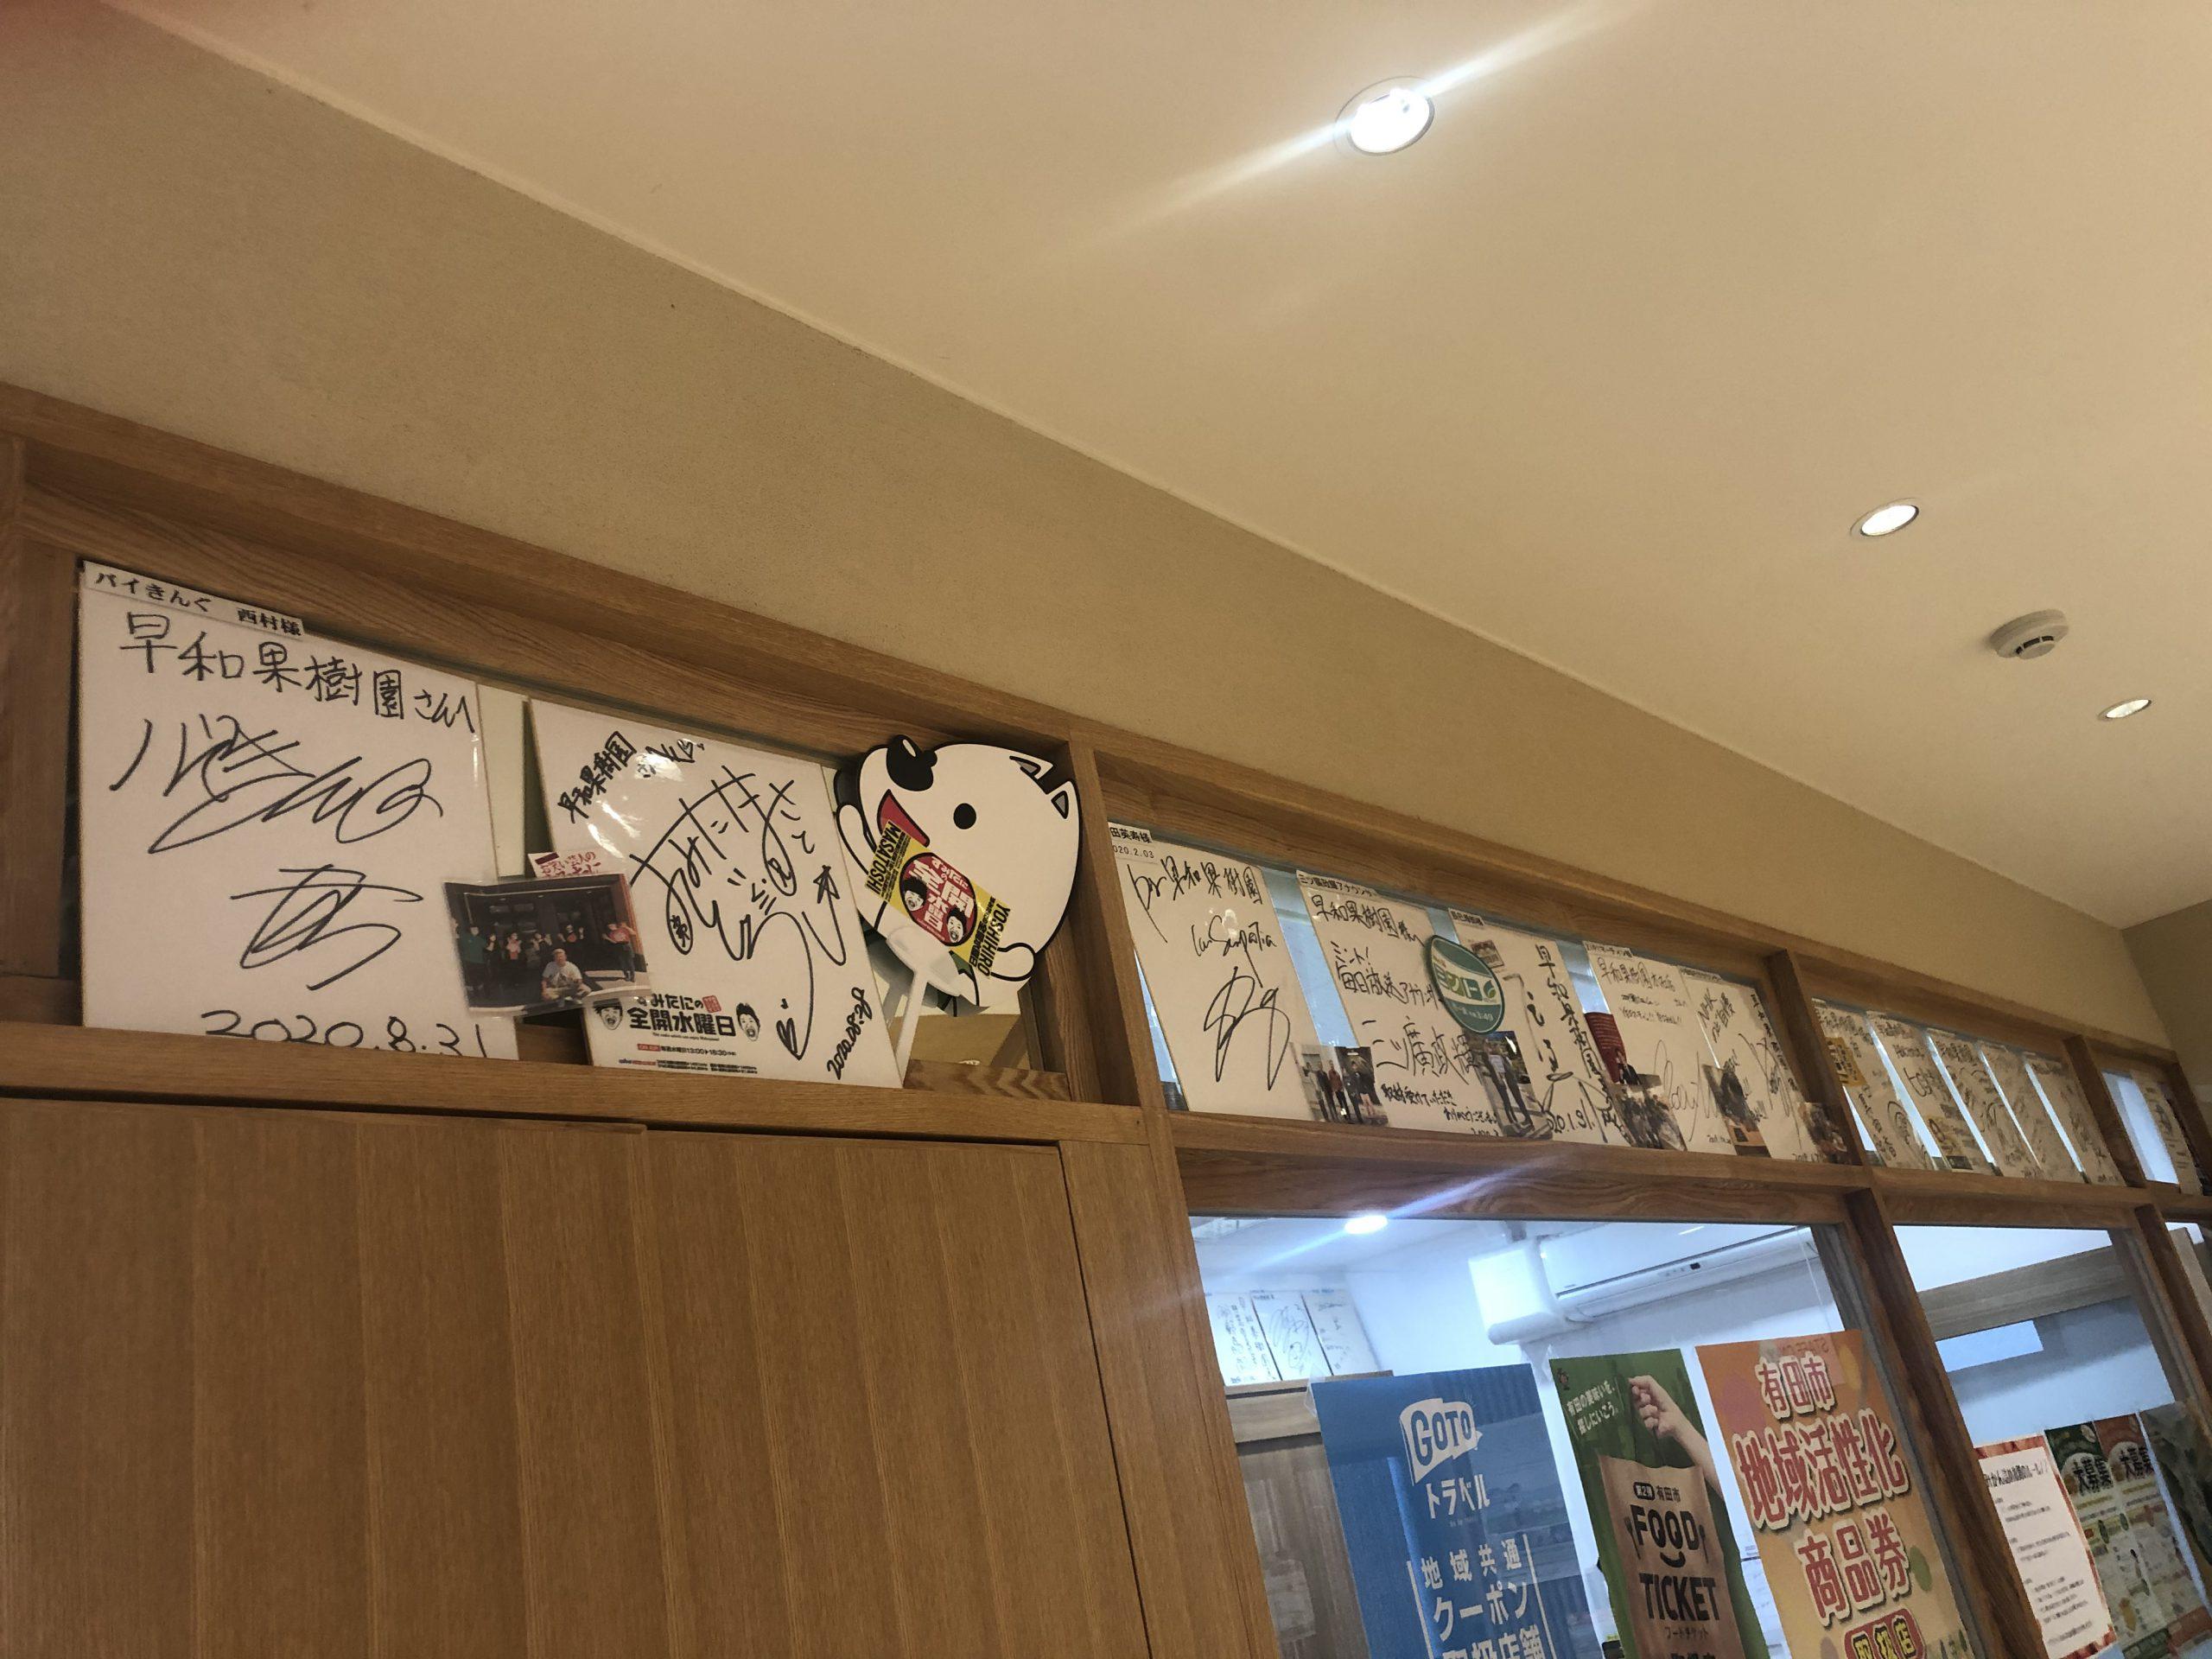 ショップのレジ後方に並んでいる、来店下さった有名な方々の色紙や写真。ご来店の際にはぜひチェックしてみてください!